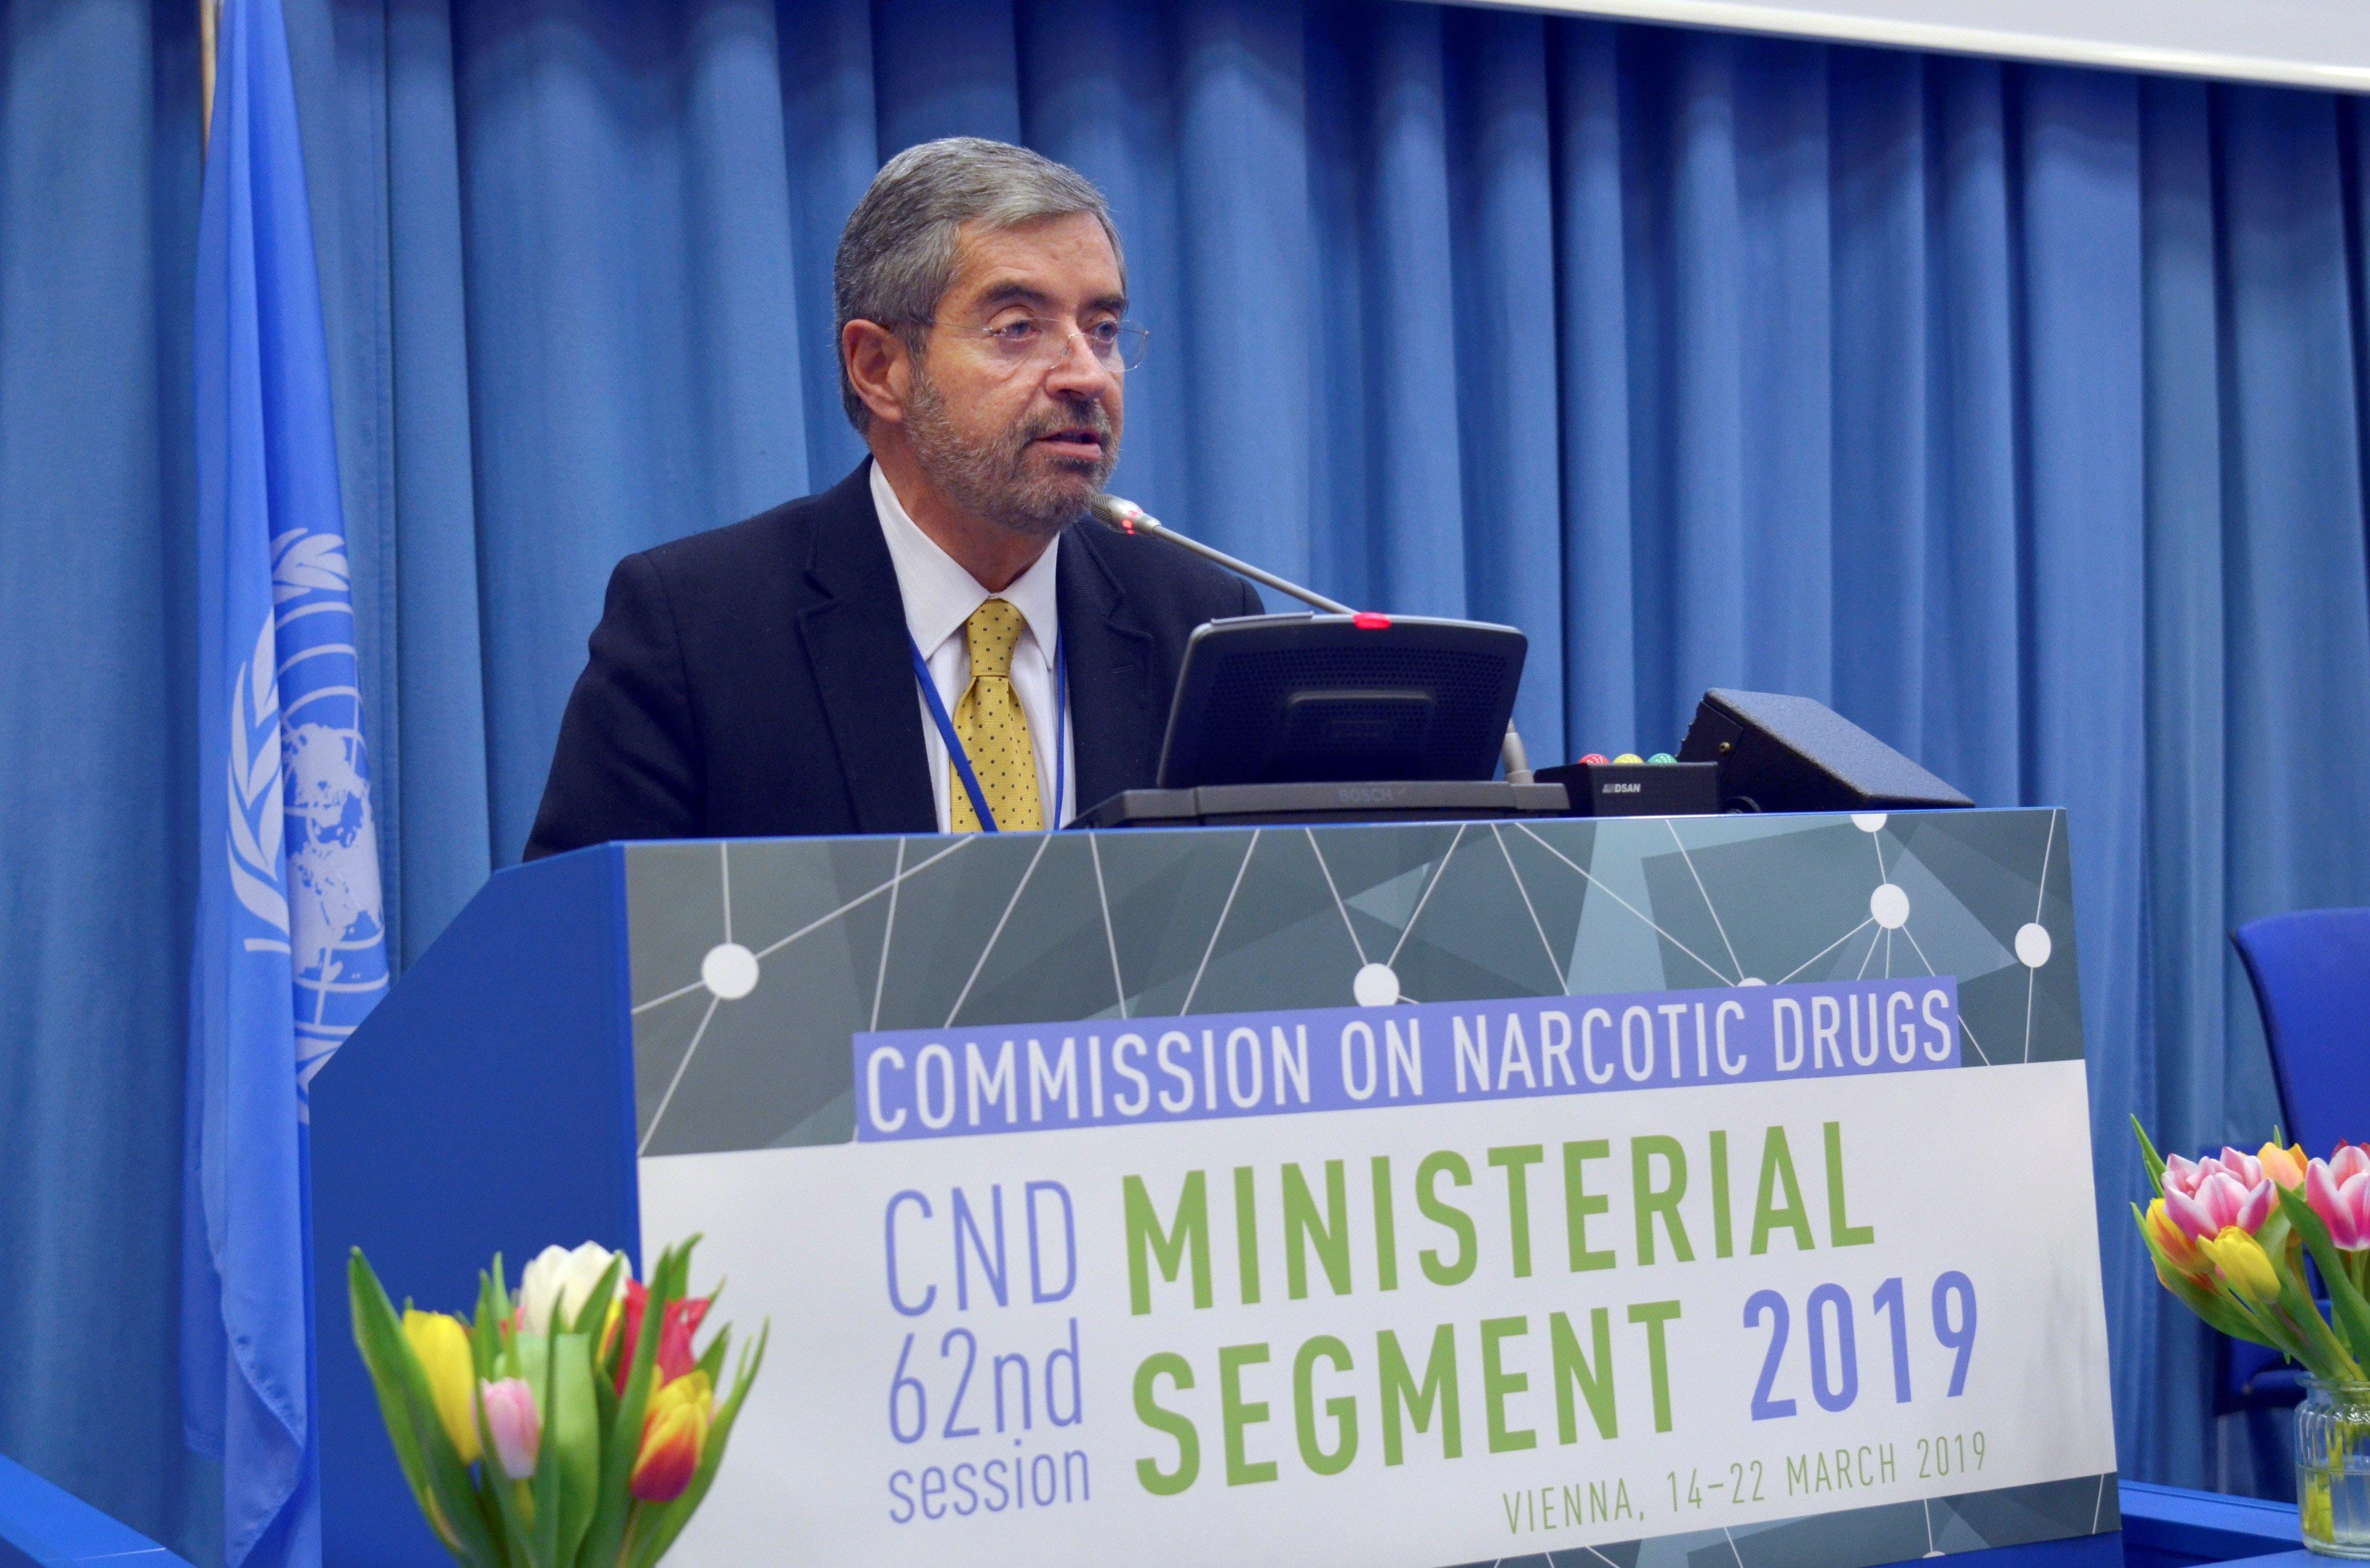 Juan Ramón de la Fuente, enviado especial en materia de drogas del presidente de México y representante permanente de su país ante la ONU en Nueva York, interviene en la Comisión de Narcóticos de la ONU en Viena.